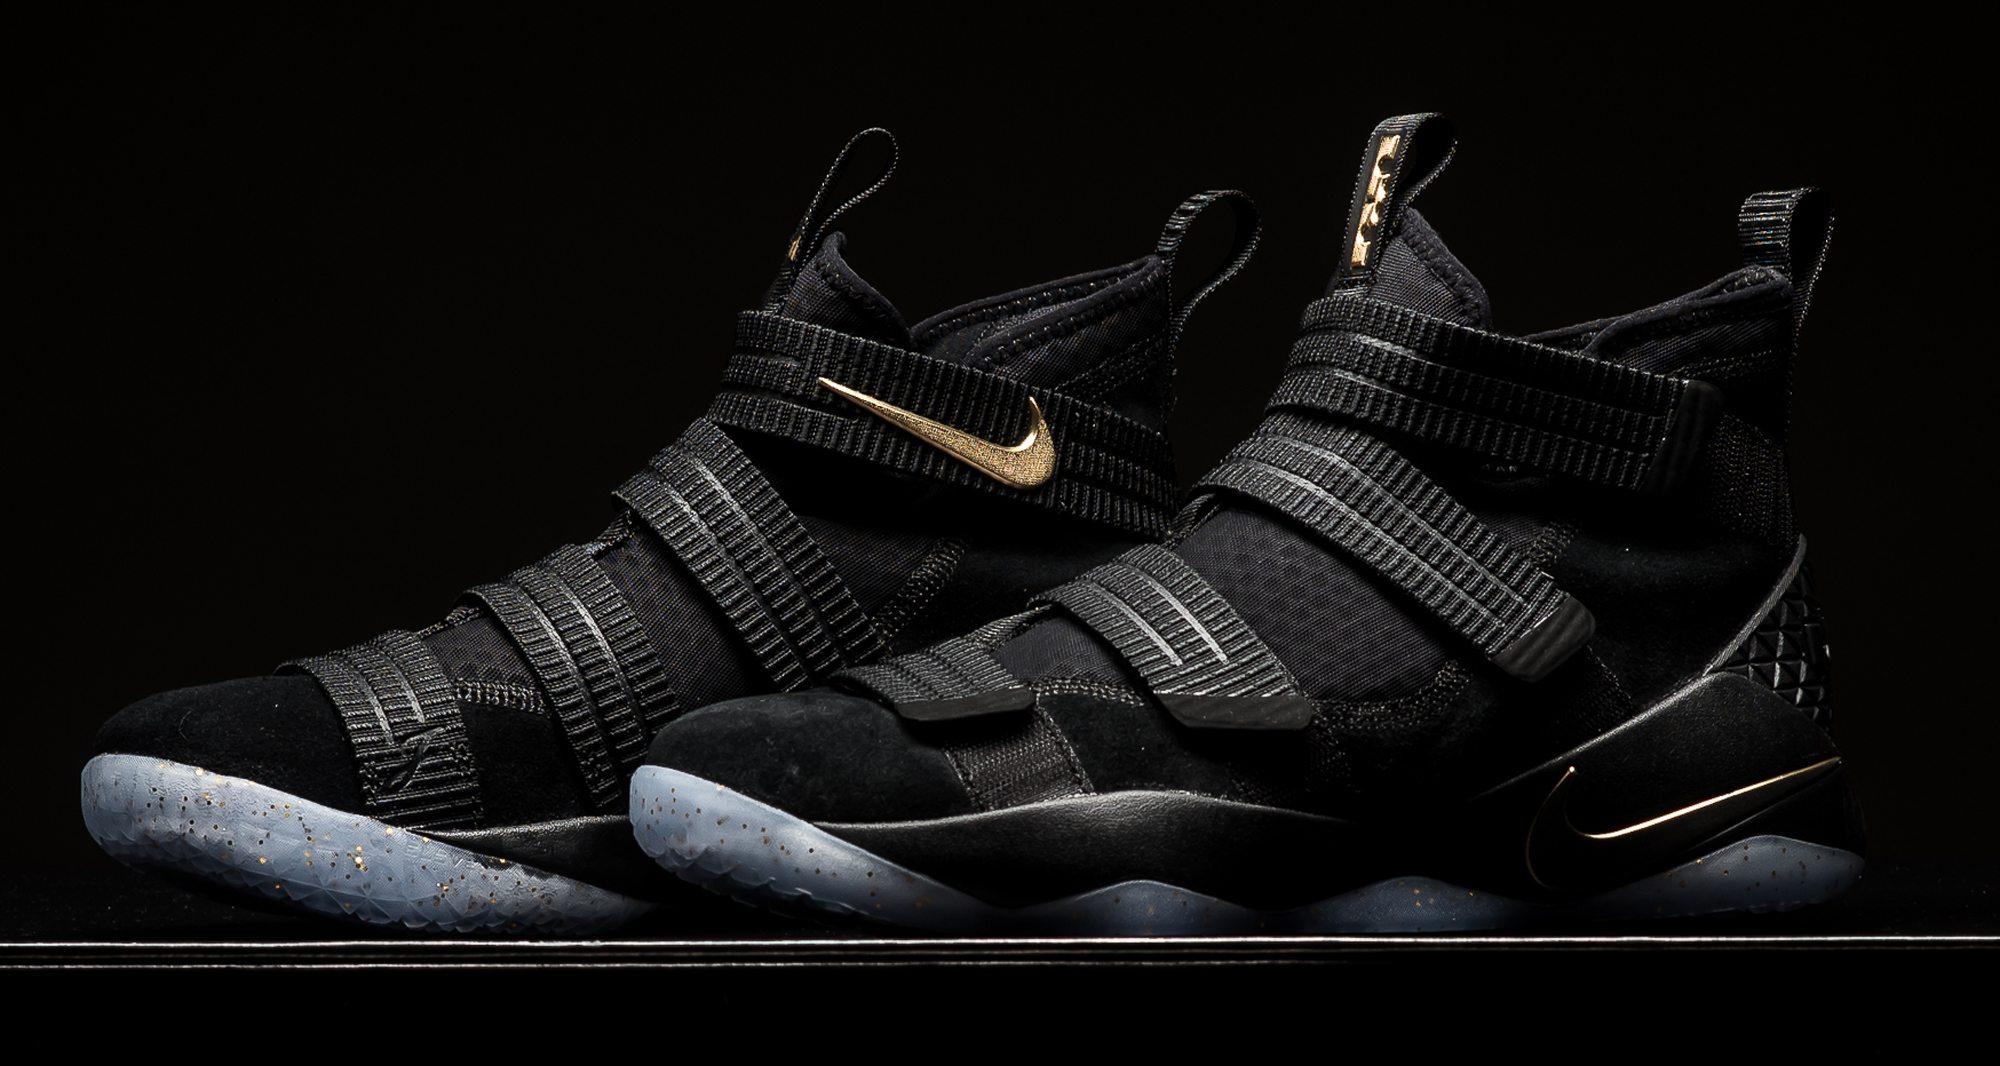 Nike LeBron Soldier 11 SFG Black/Metallic Gold ...